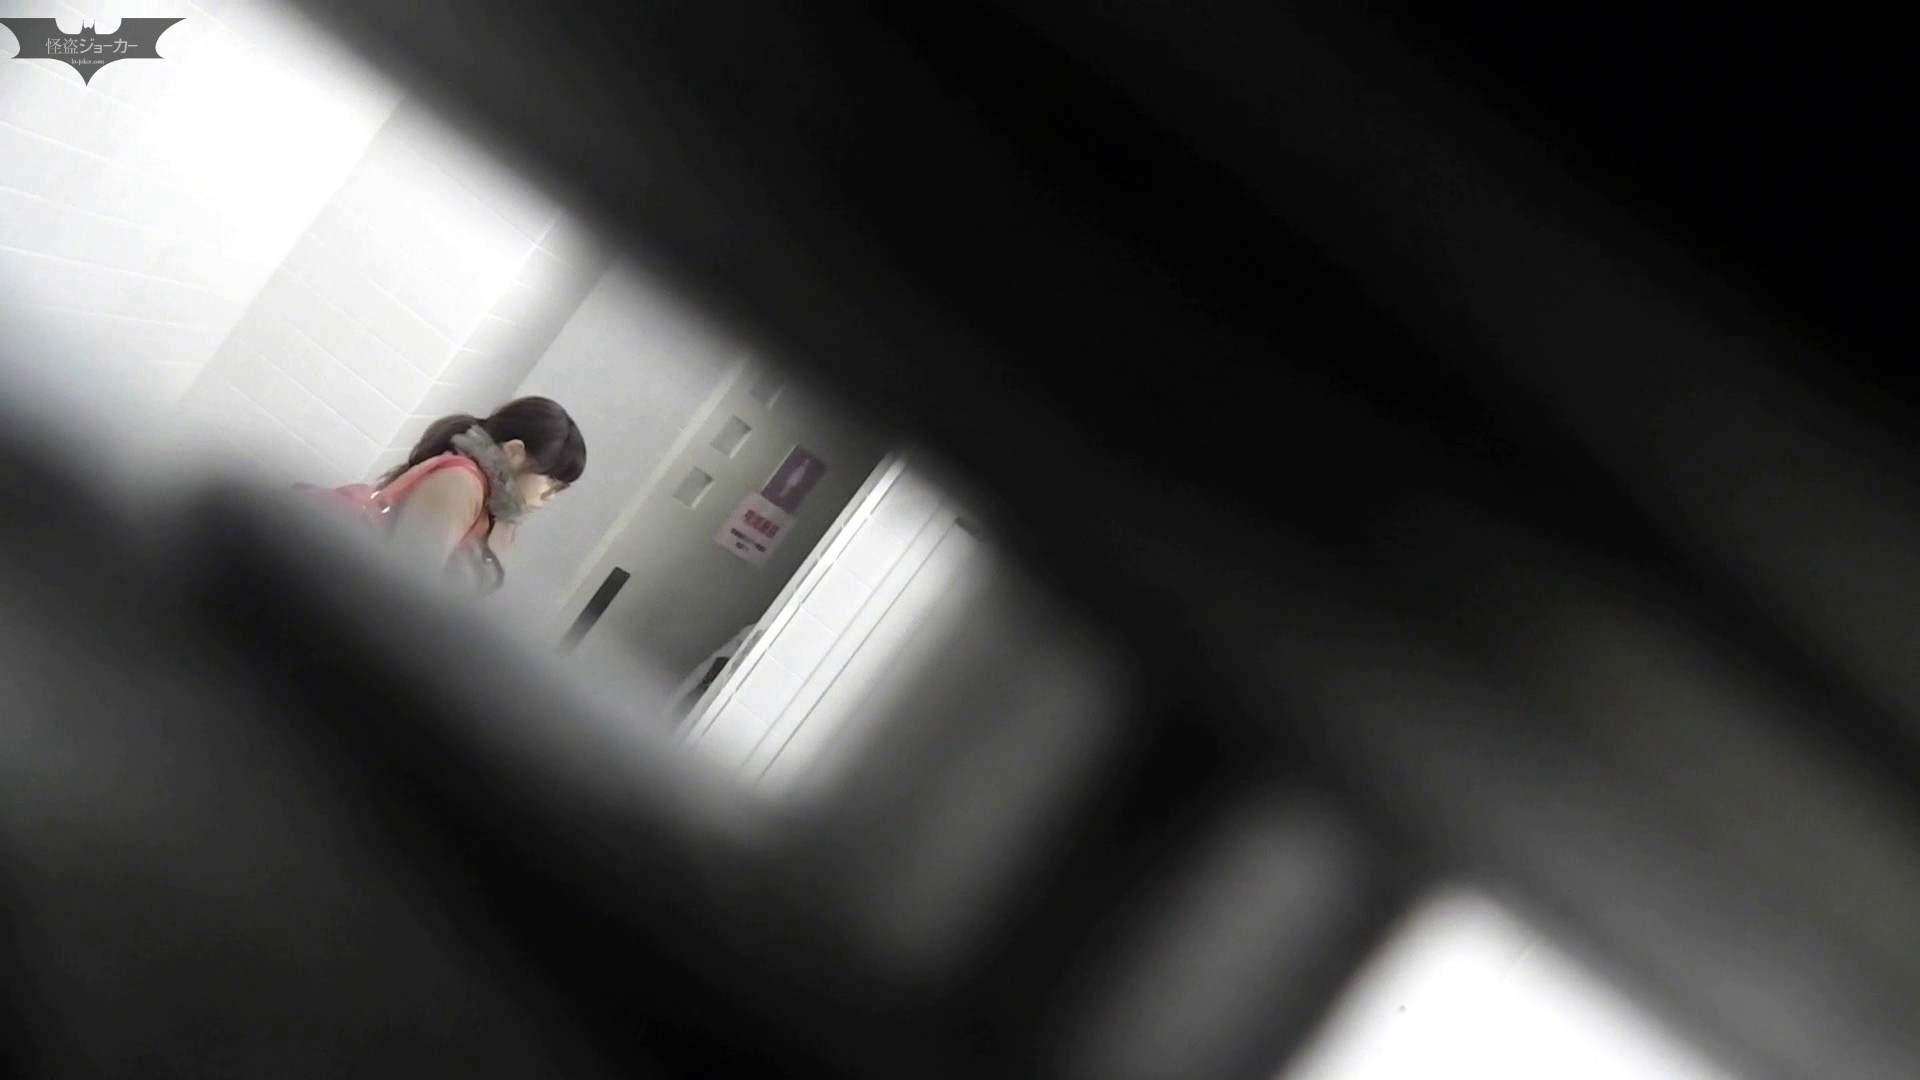 お銀さんの「洗面所突入レポート!!」 vol.53 冬到来!美女も到来! 美女達のヌード   洗面所着替え  91連発 5